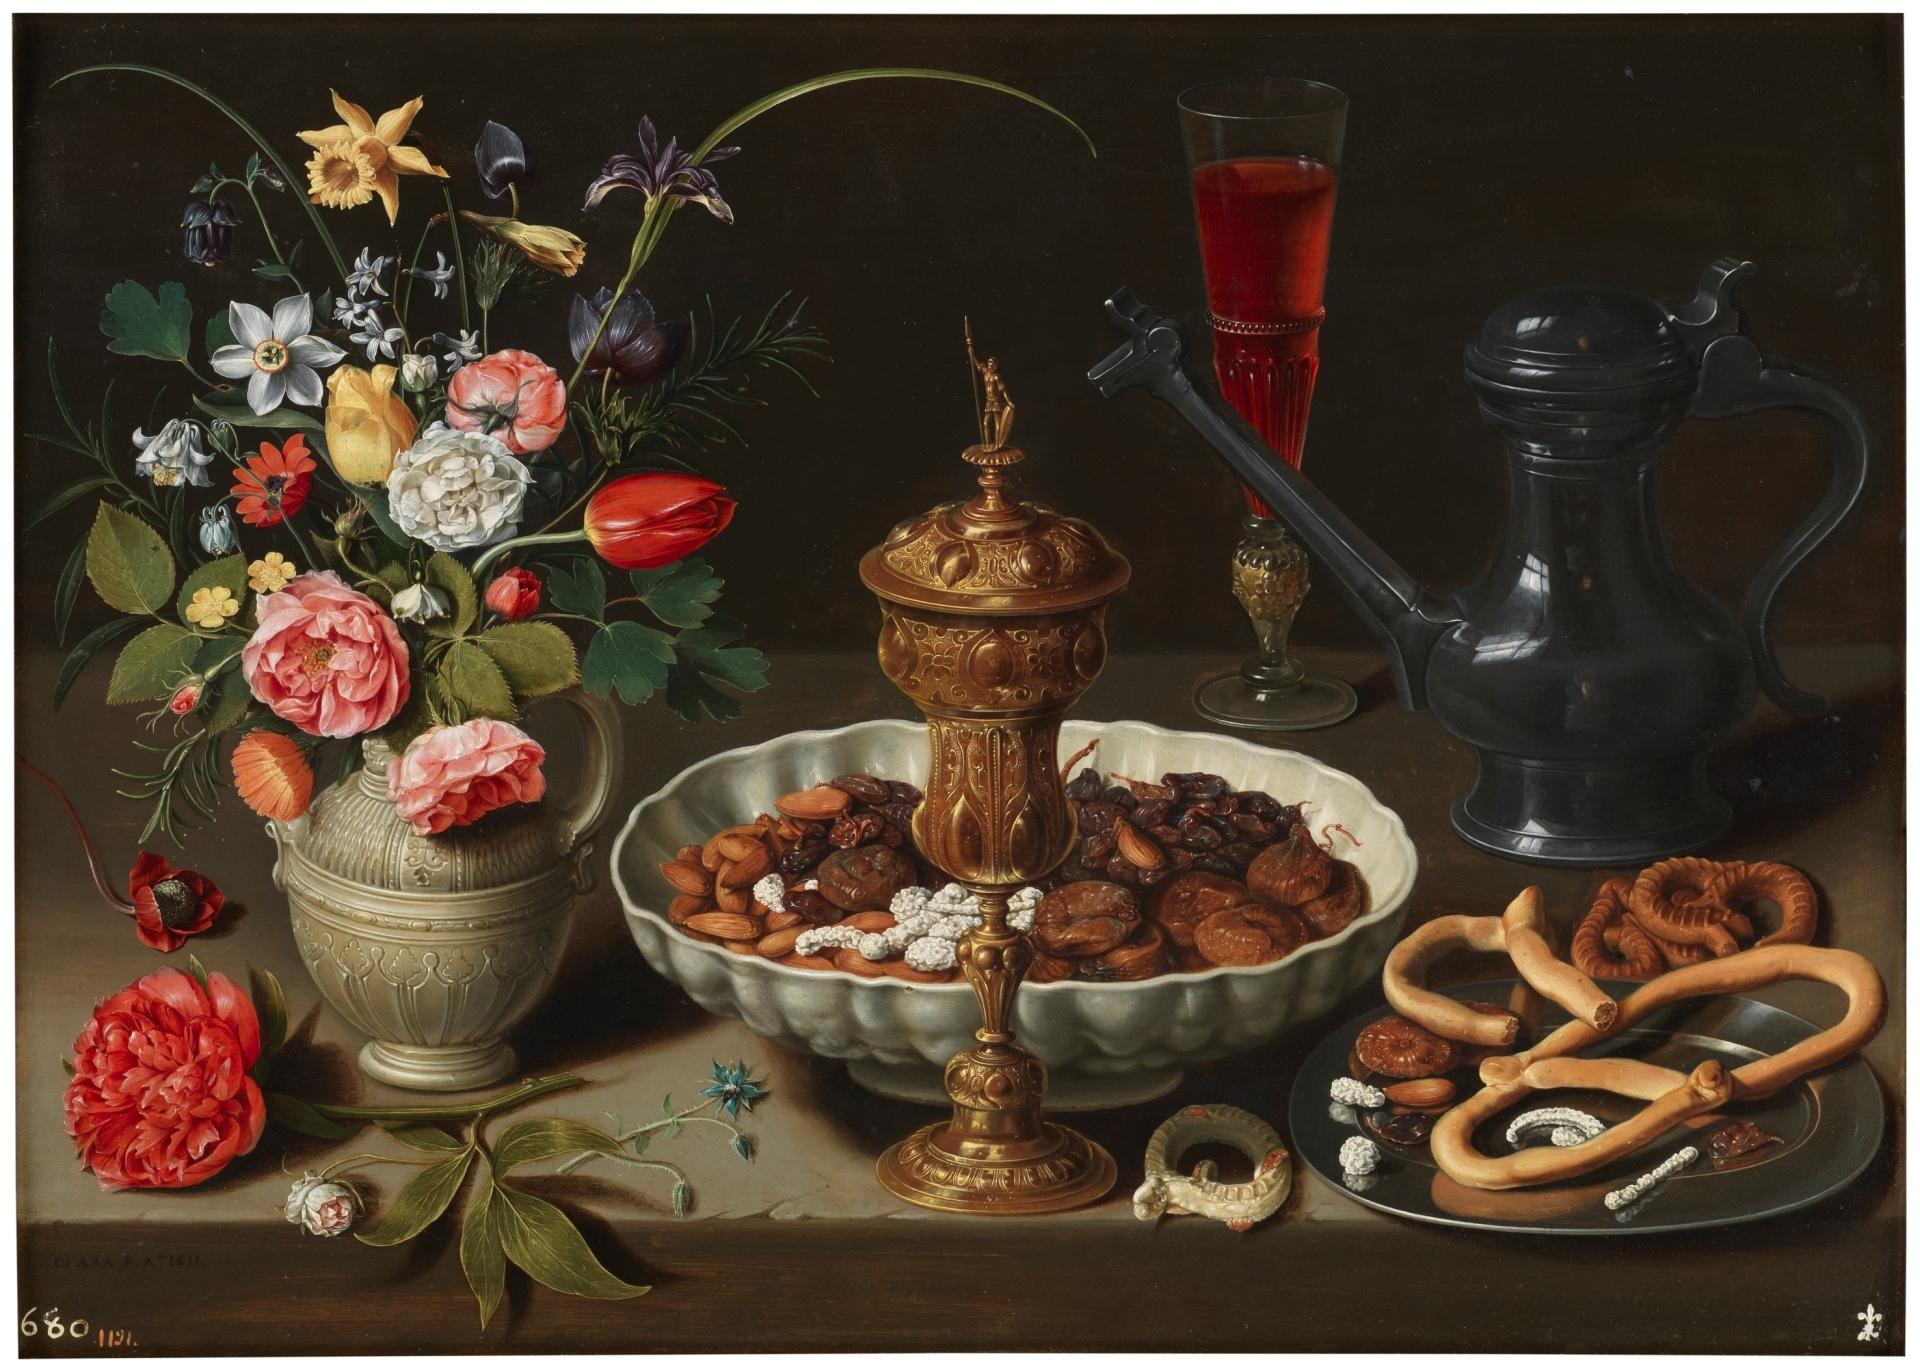 Bodegón con flores, copa de plata dorada, almendras, frutos secos, dulces, panecillos, vino y jarra de peltre_Clara Peeters